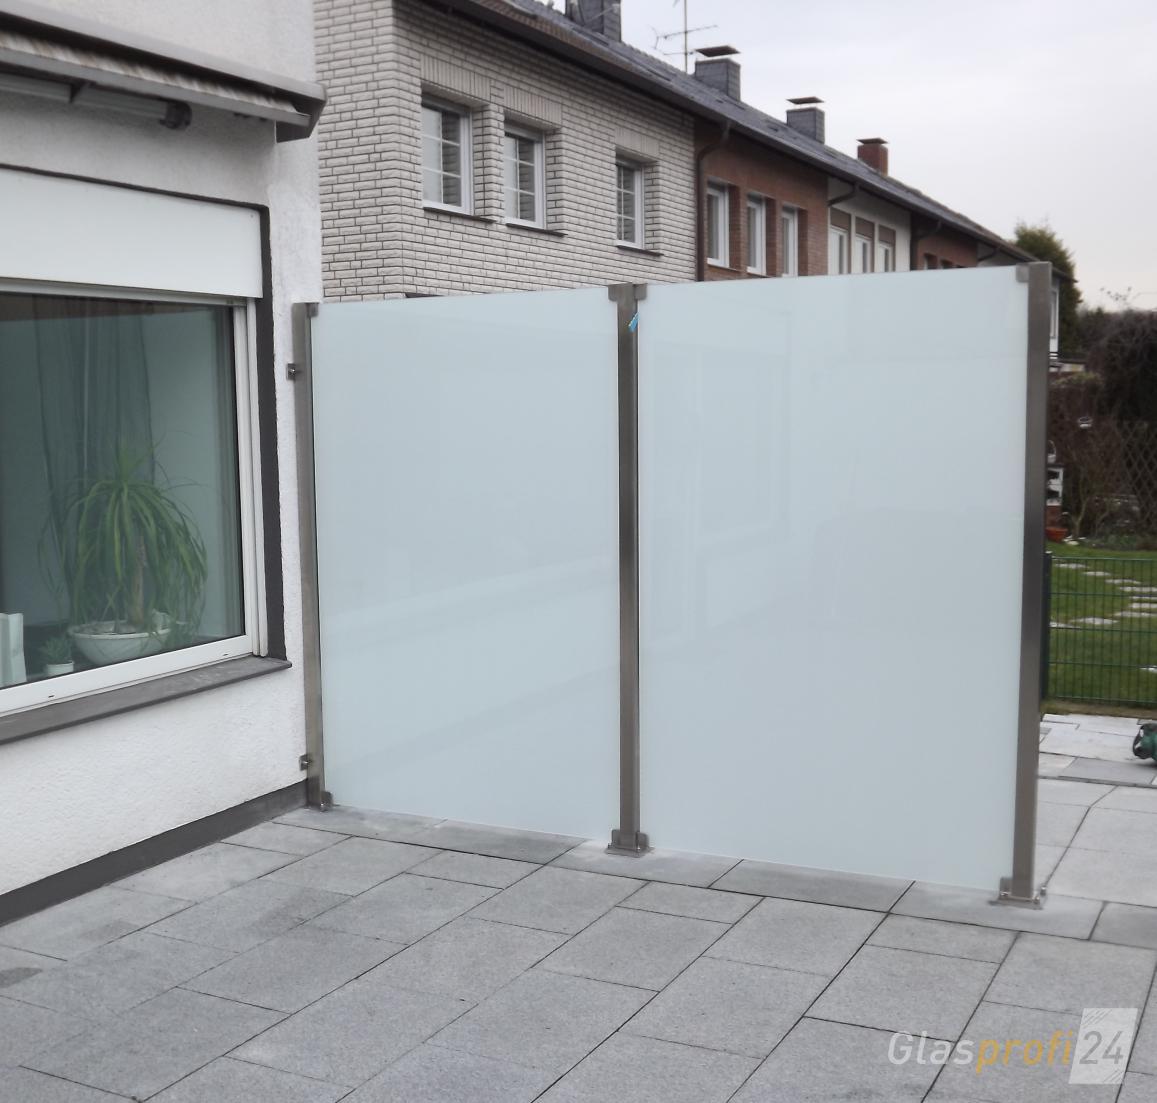 glaszaun f r wind und sichtschutz glasprofi24. Black Bedroom Furniture Sets. Home Design Ideas